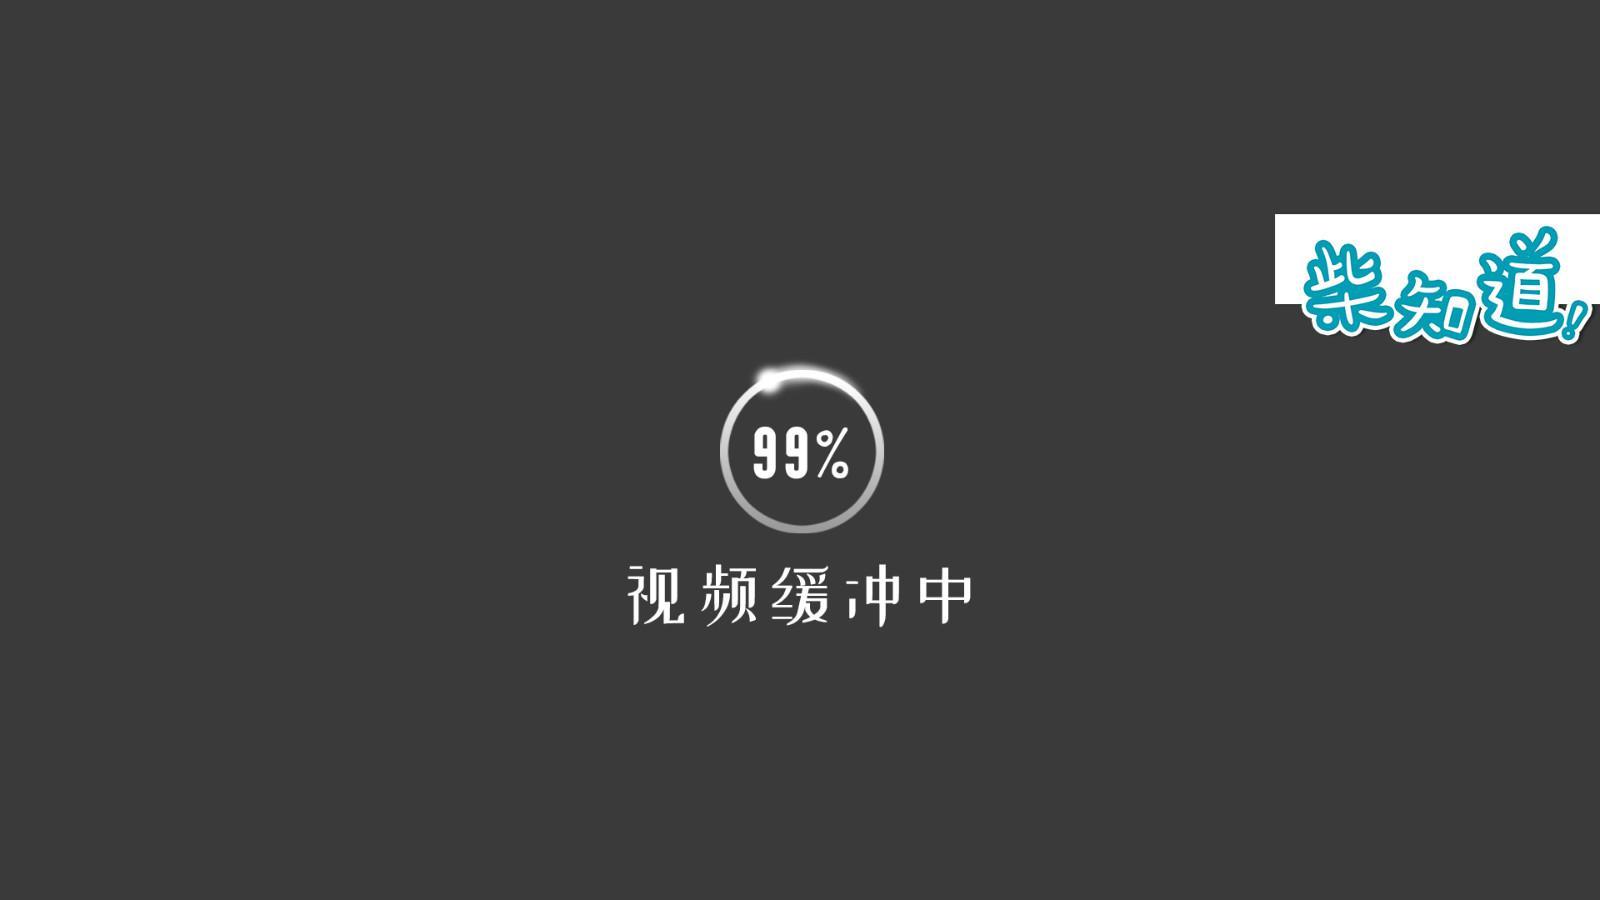 为什么不论网速有多快,进度条都会卡在99%?